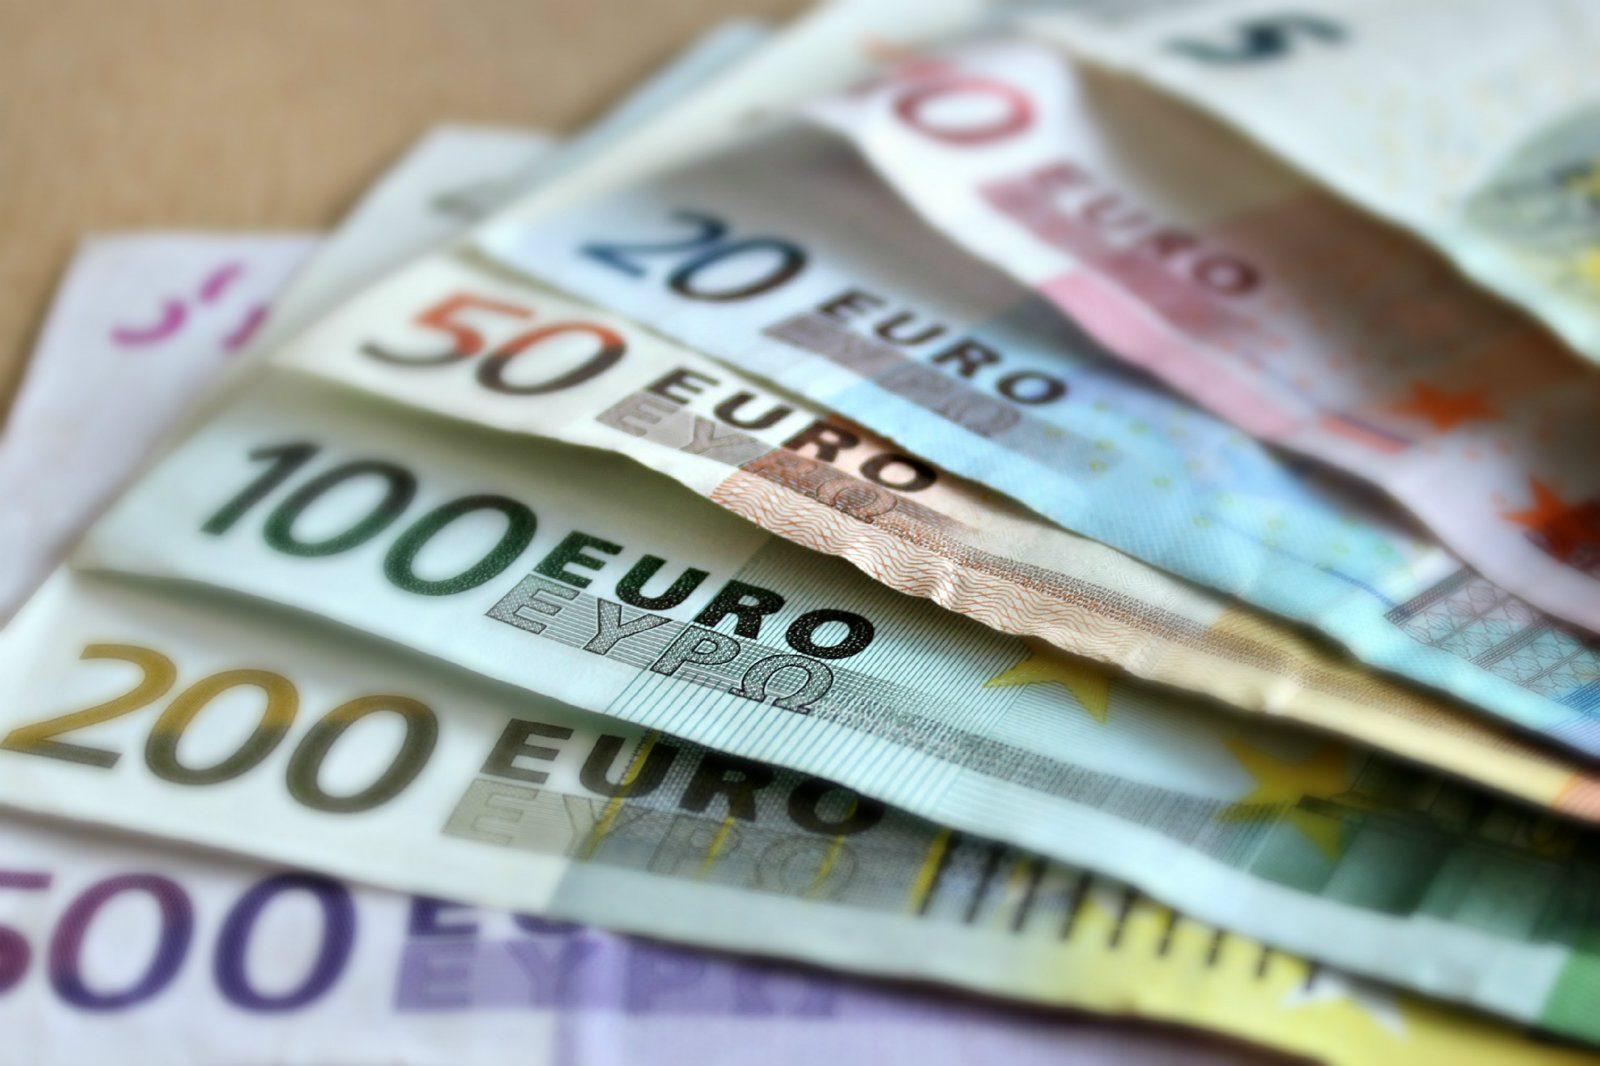 Réfugiés : JP Masseret propose une enveloppe de 200 000 € financée par la Région Lorraine